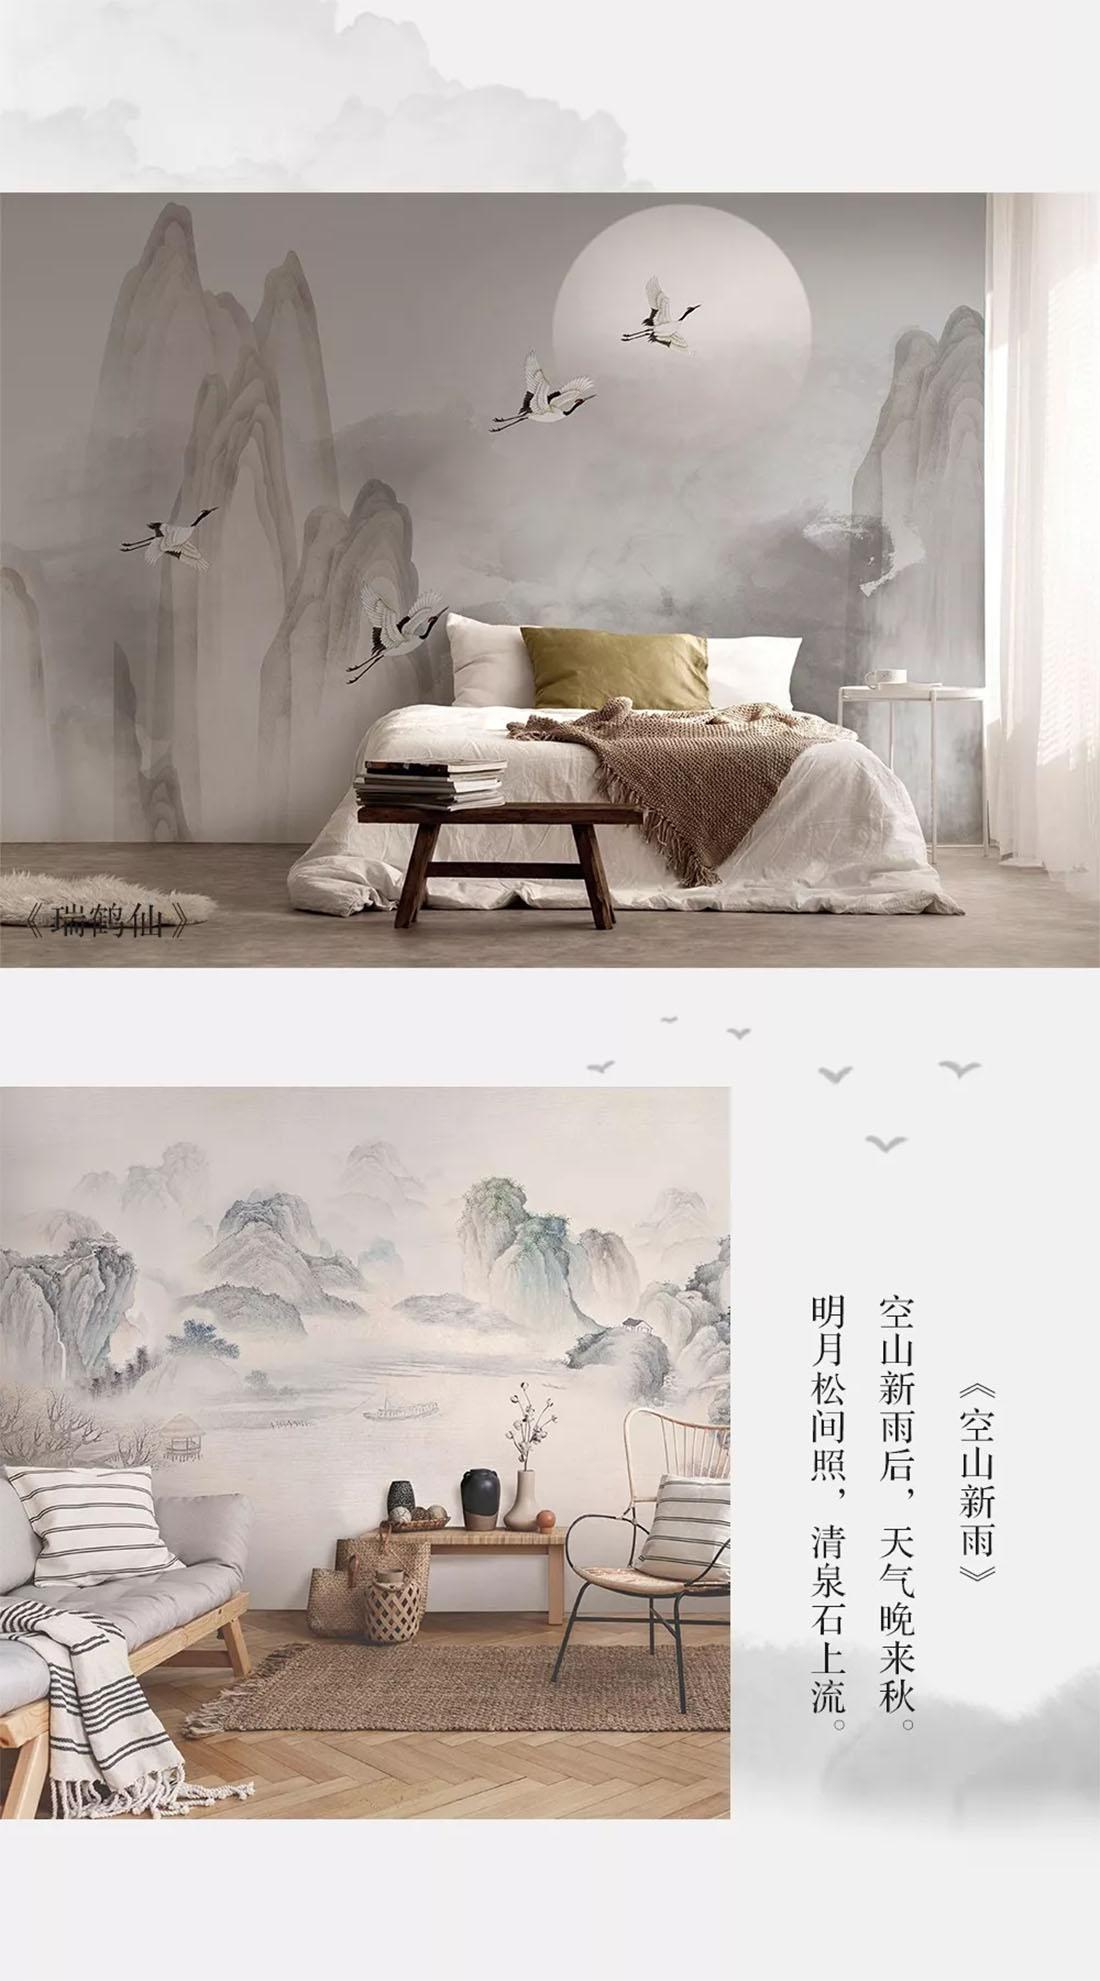 山水瑞鹤新中式卧室背景墙